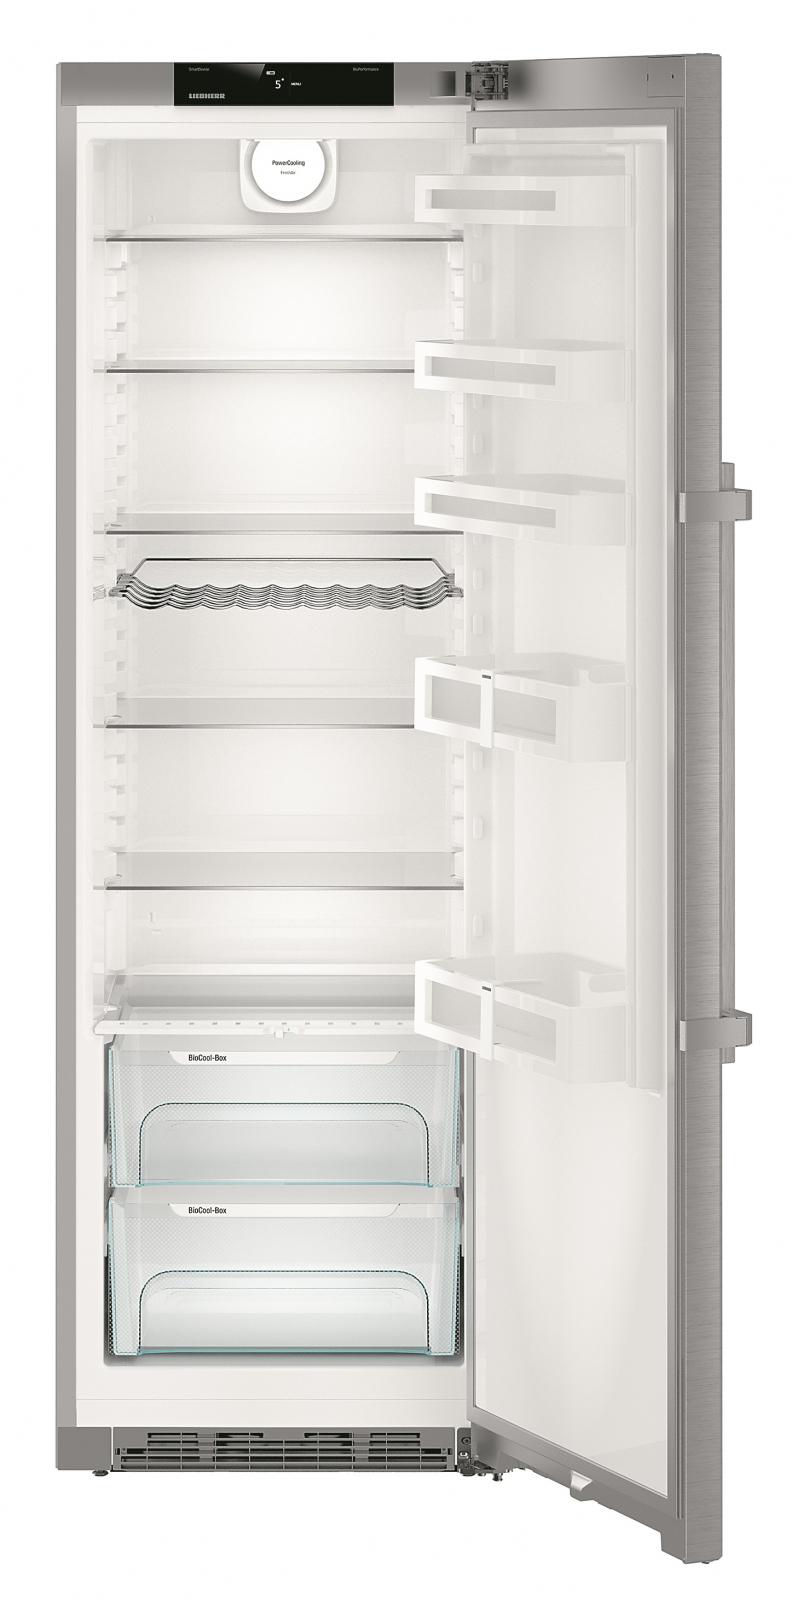 купить Однокамерный холодильник Liebherr Kef 4310 Украина фото 3